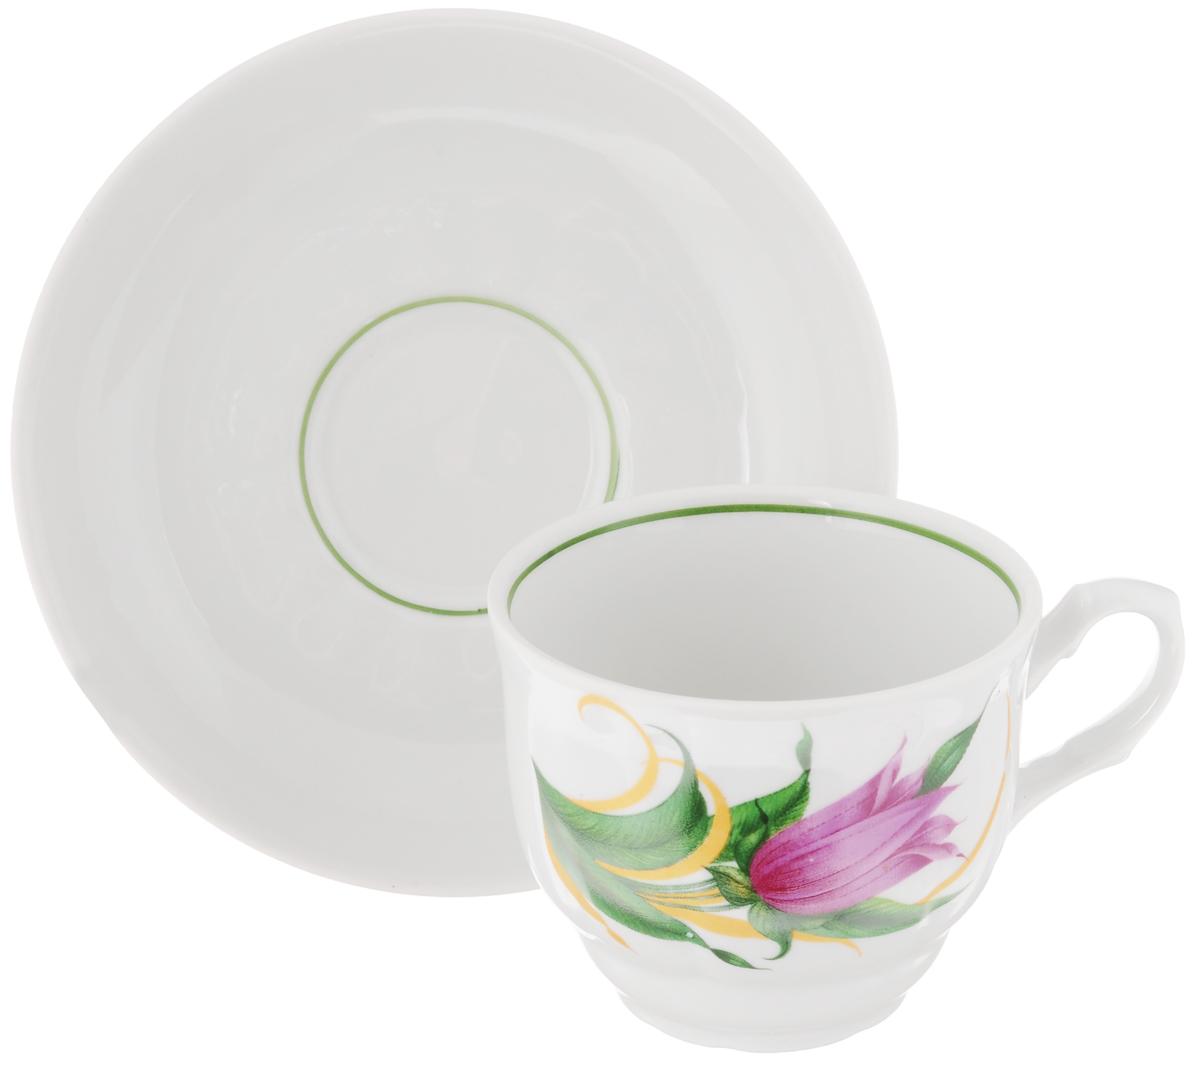 Чайная пара Тюльпан. Колокольчики, 2 предмета507779Чайная пара Тюльпан. Колокольчики состоит из чашки и блюдца, изготовленных из высококачественного фарфора. Яркий дизайн, несомненно, придется вам по вкусу. Чайная пара Тюльпан. Колокольчики украсит ваш кухонный стол, а также станет замечательным подарком к любому празднику. Объем чашки: 250 мл. Диаметр чашки (по верхнему краю): 8,7 см. Высота чашки: 7 см. Диаметр блюдца: 15 см. Высота блюдца: 3 см.